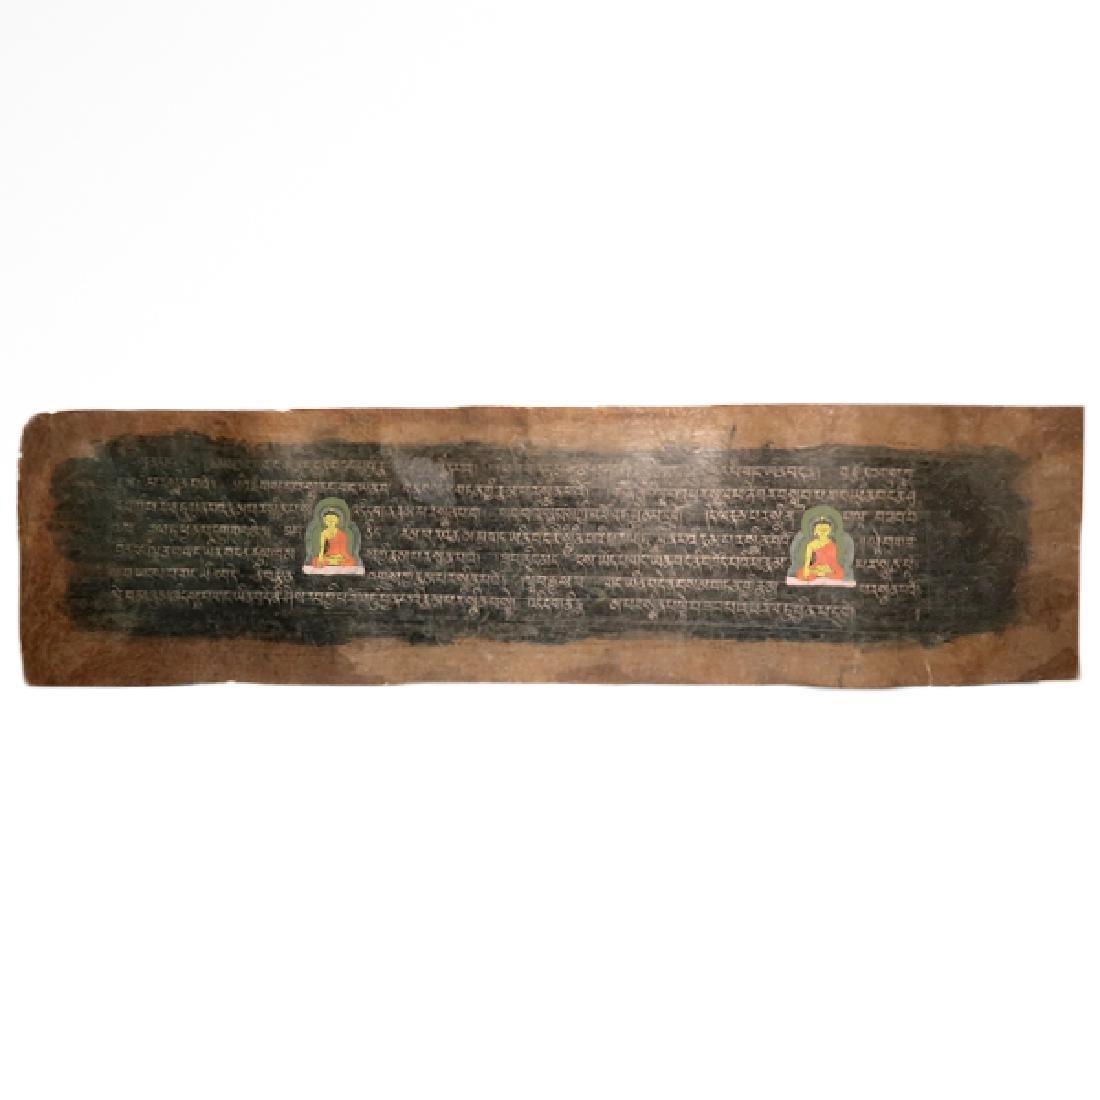 Tibetan Sutra Manuscript, C. 17th Century AD